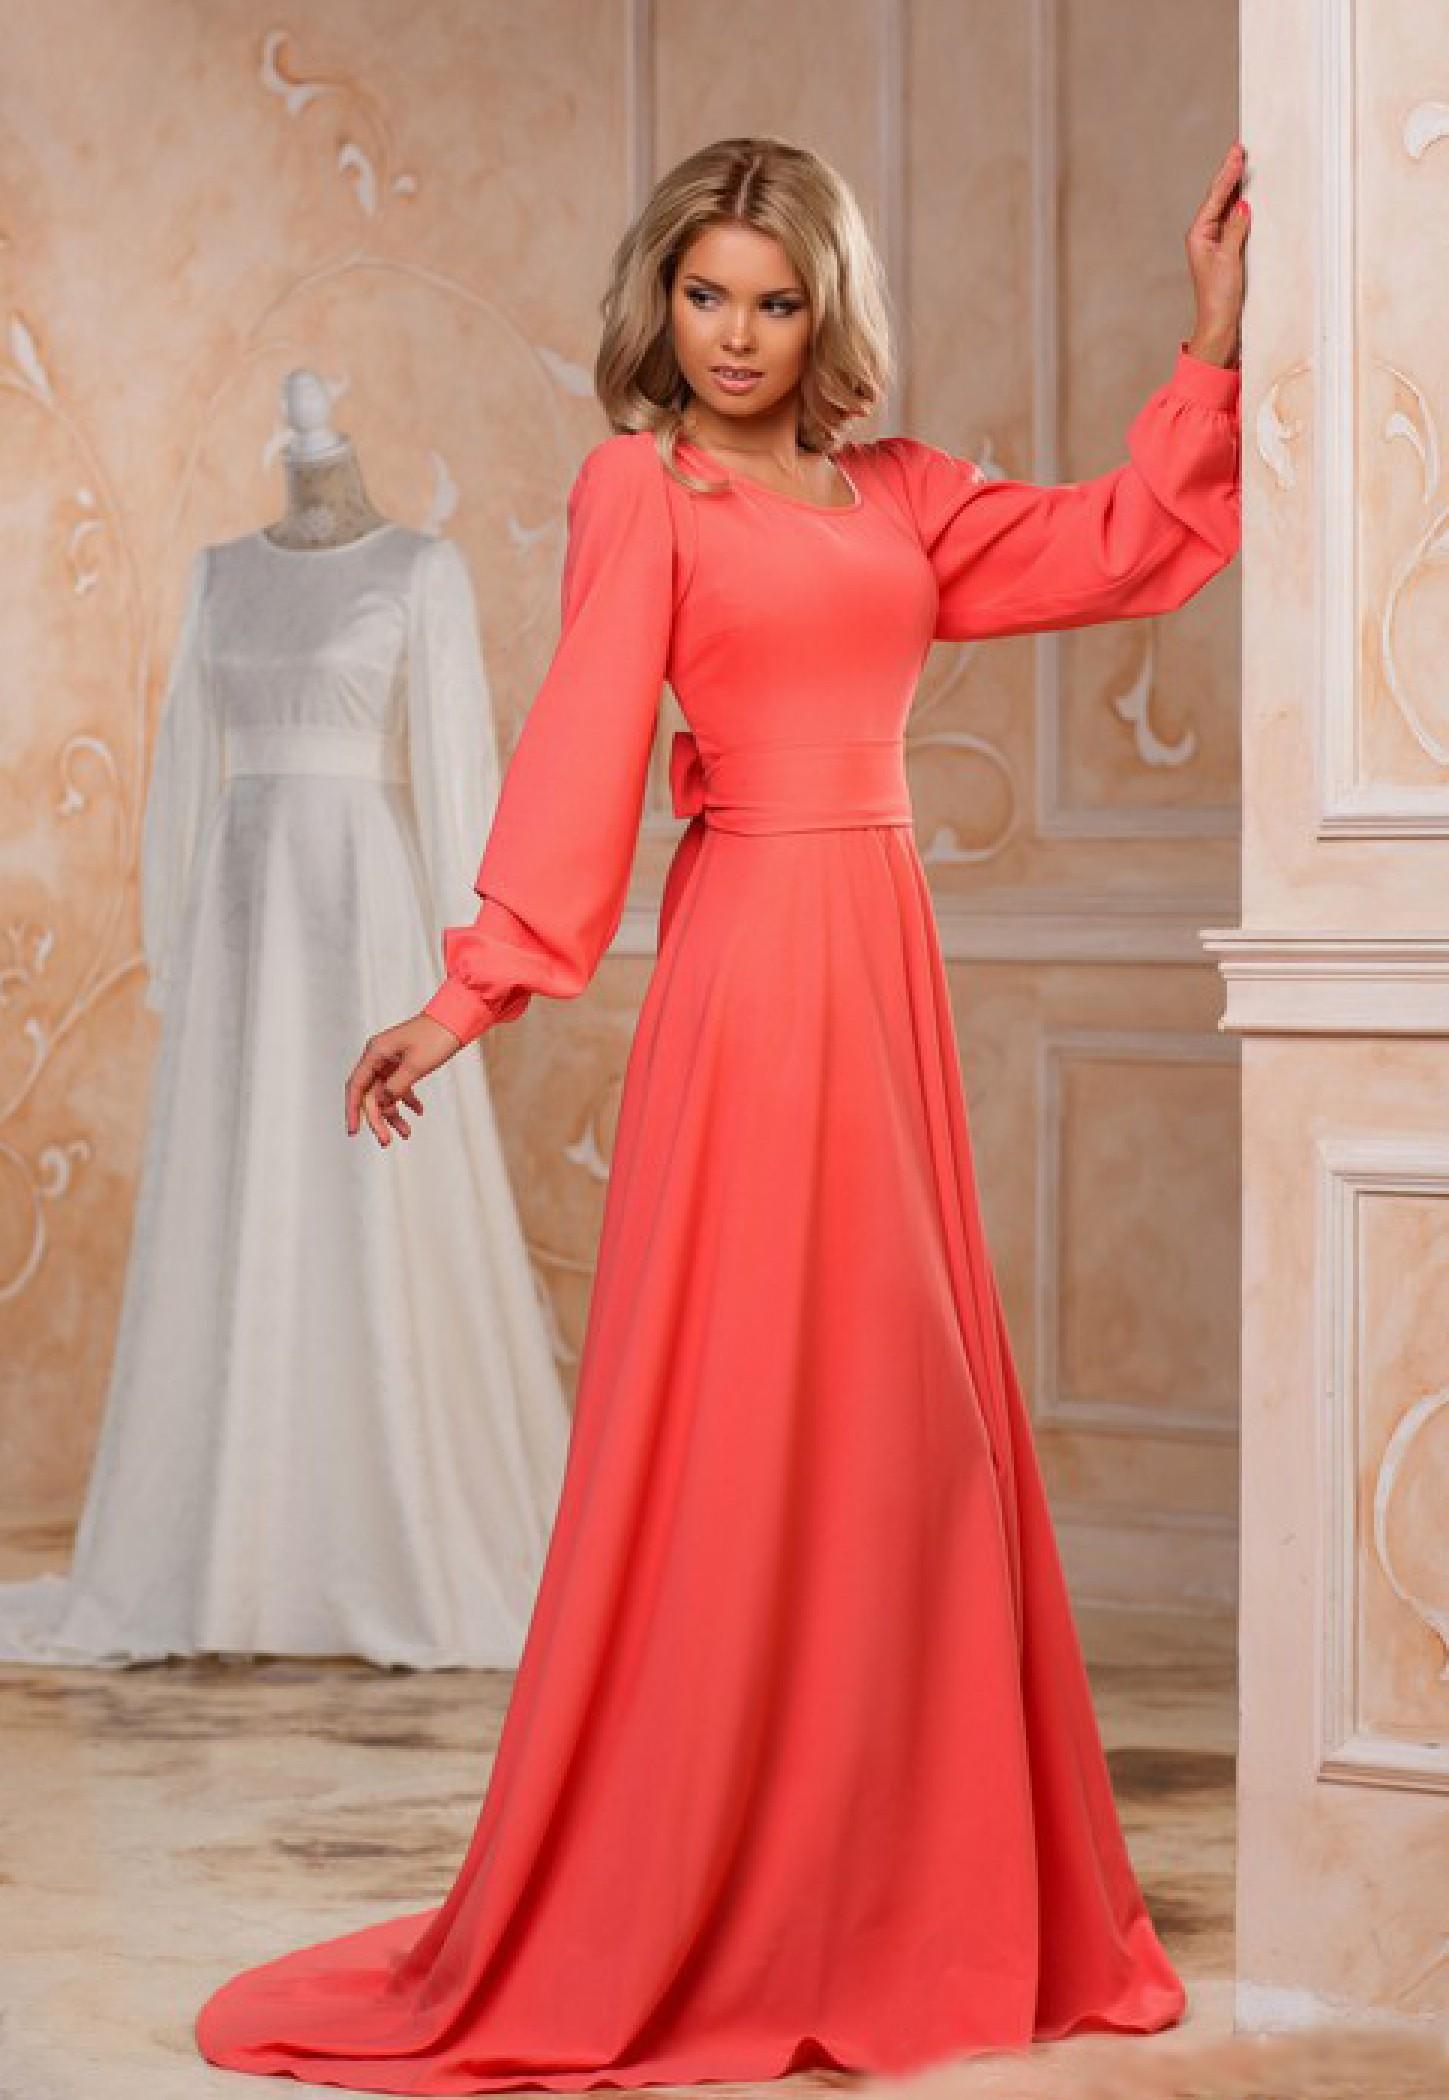 70b27c4f89fe Купить вечернее длинное платье с открытой спиной. Пошив дизайнерского платья  на заказ. Интернет магазин женской одежды Радэлия